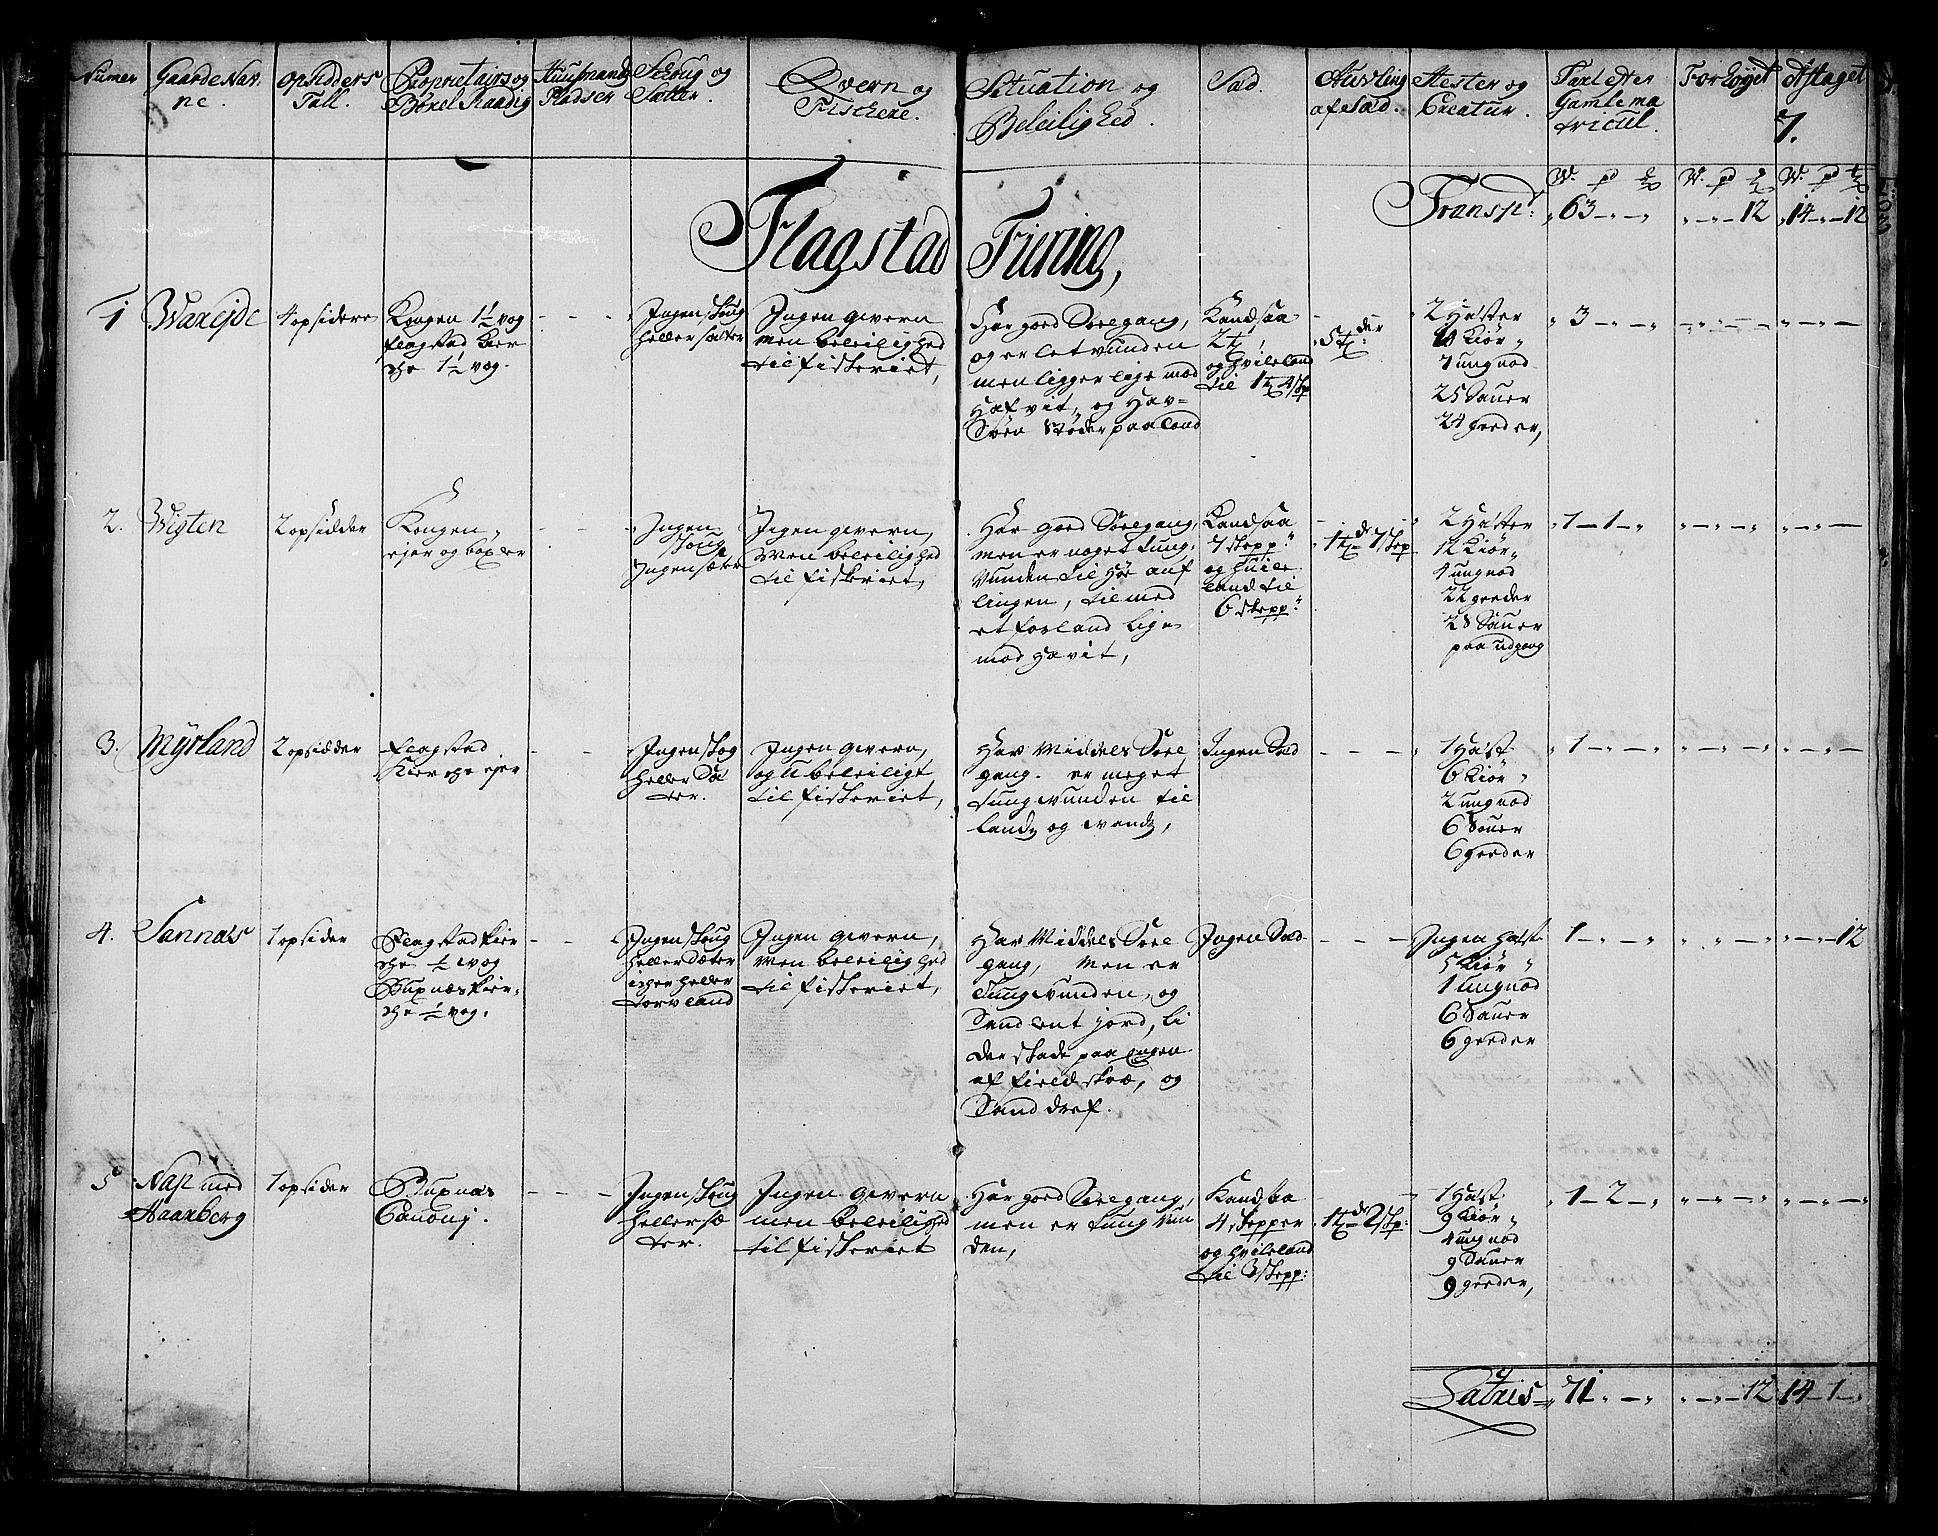 RA, Rentekammeret inntil 1814, Realistisk ordnet avdeling, N/Nb/Nbf/L0174: Lofoten eksaminasjonsprotokoll, 1723, s. 6b-7a